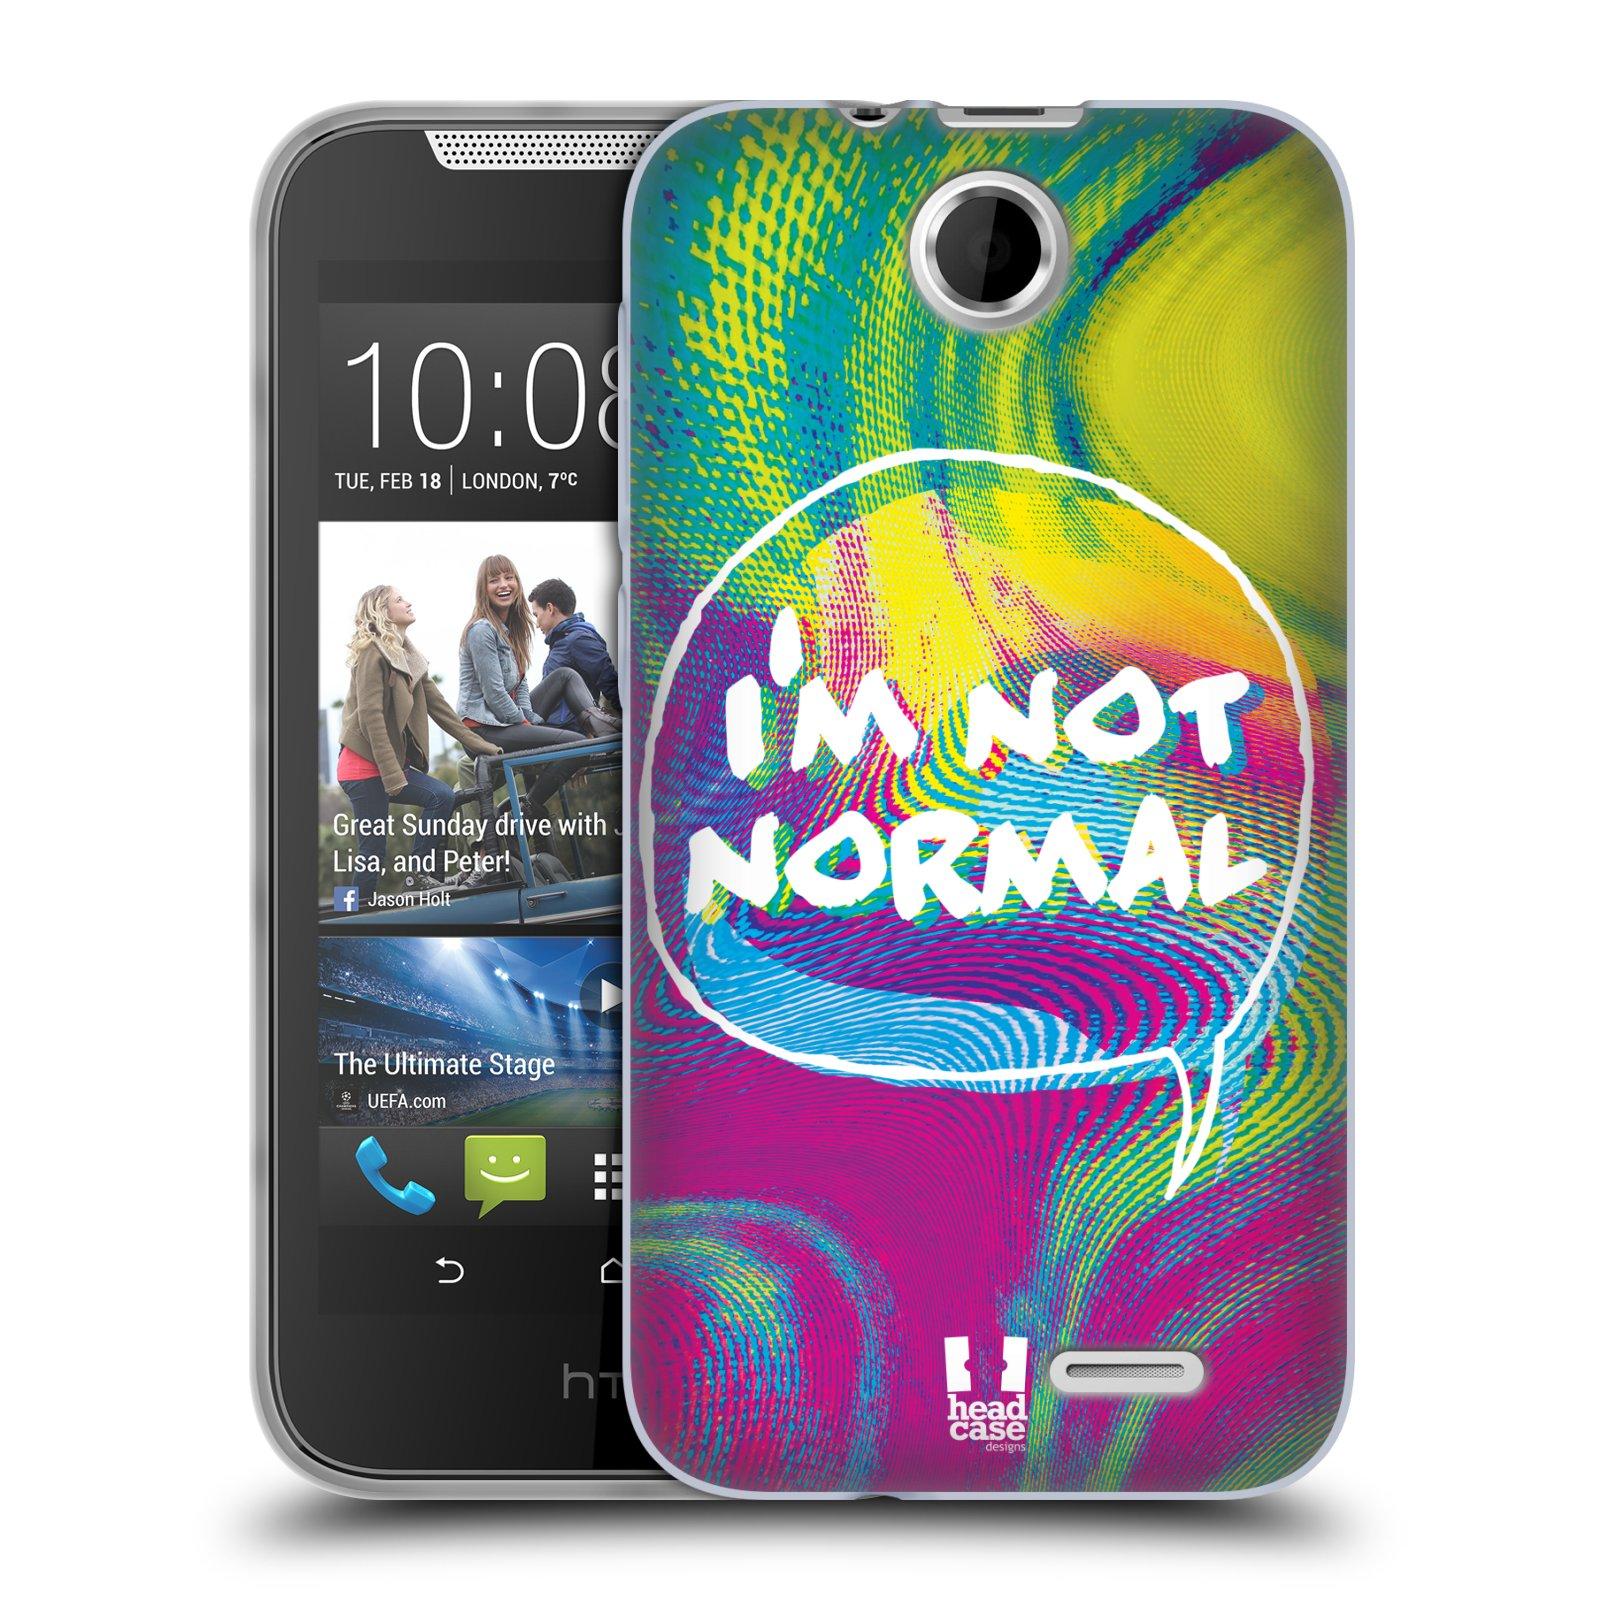 Silikonové pouzdro na mobil HTC Desire 310 HEAD CASE HOLOGRAF I'M NOT NORMAL (Silikonový kryt či obal na mobilní telefon HTC Desire 310)